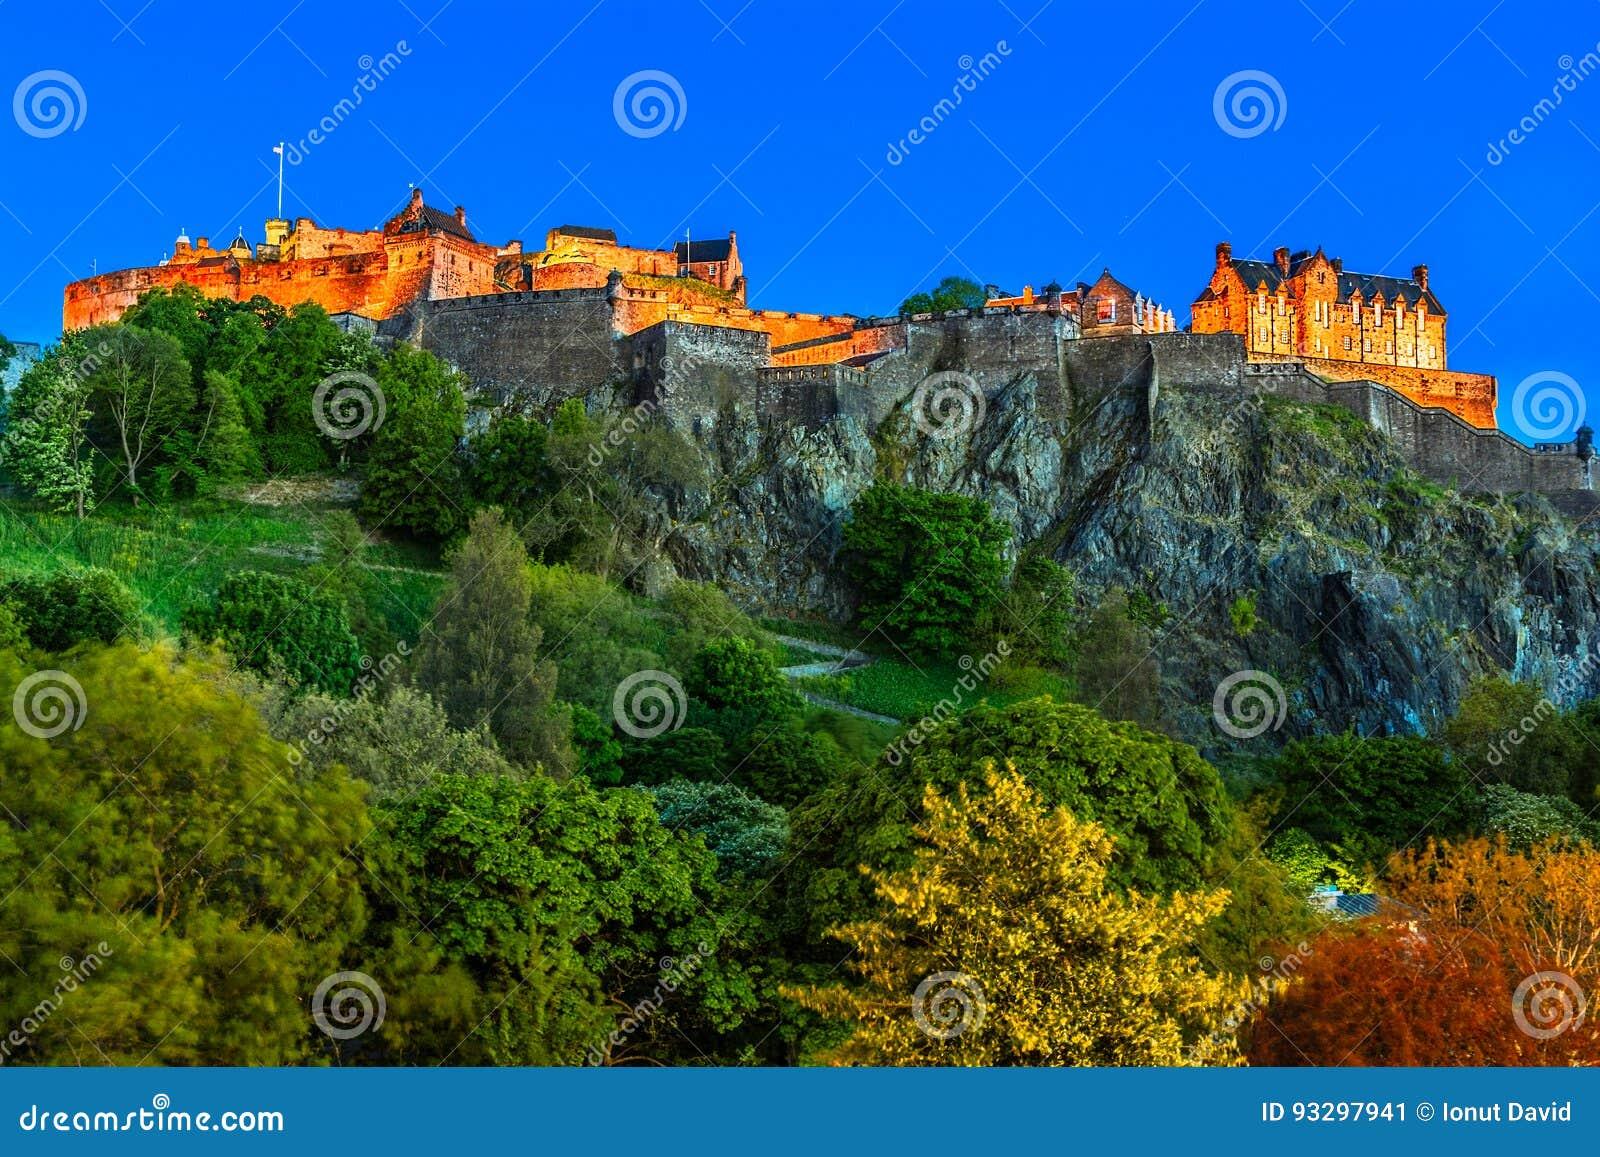 Slott edinburgh scotland